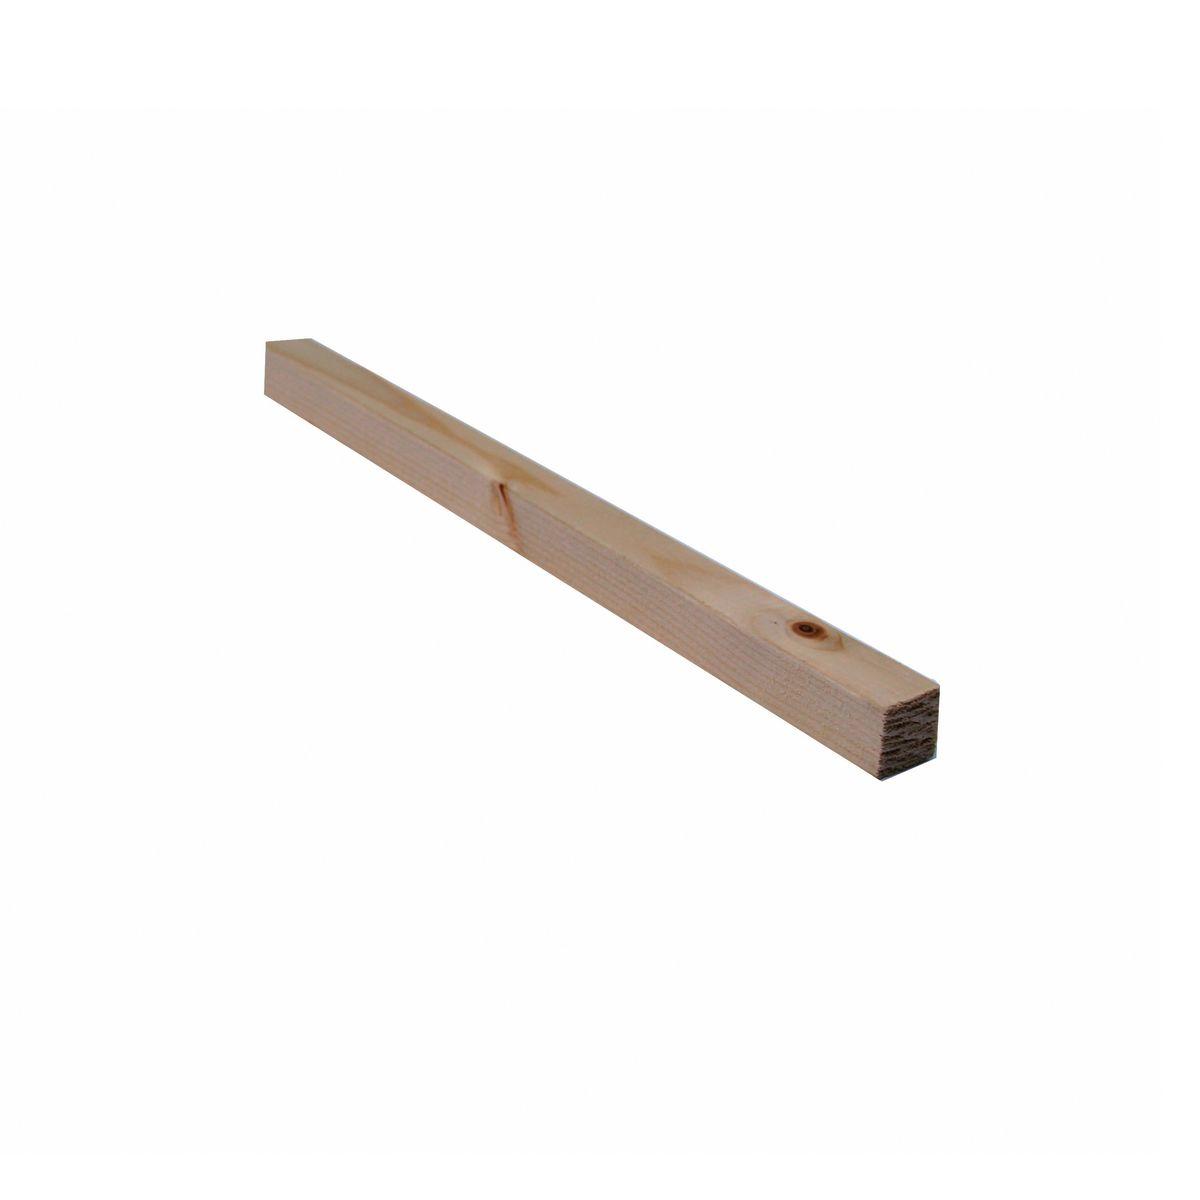 Doghe in legno e listelli in legno: prezzi e offerte 6